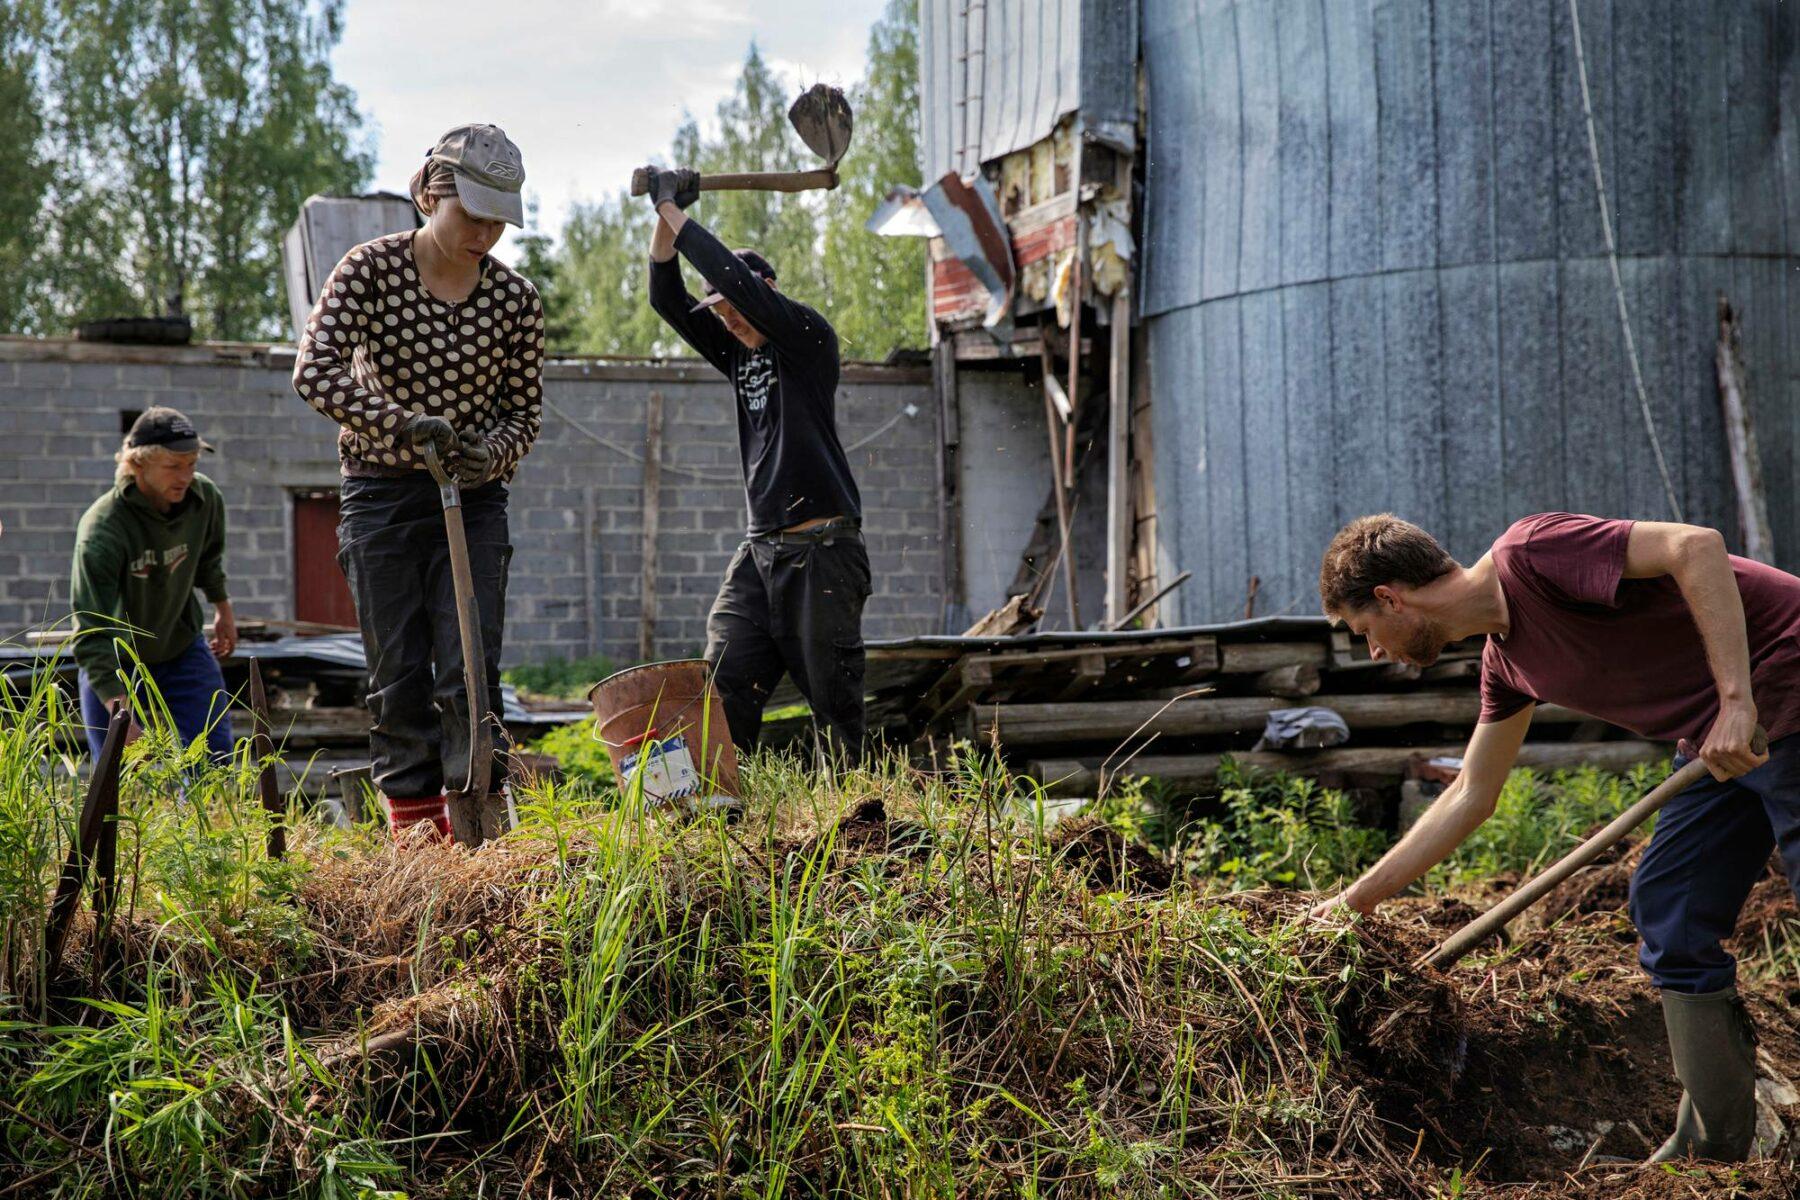 Opiskelijat Alfred, Viivi ja Risto (oik.) sekä rakentamisen opettaja Matti Korhonen (kolmas vas.) purkavat maakellaria.